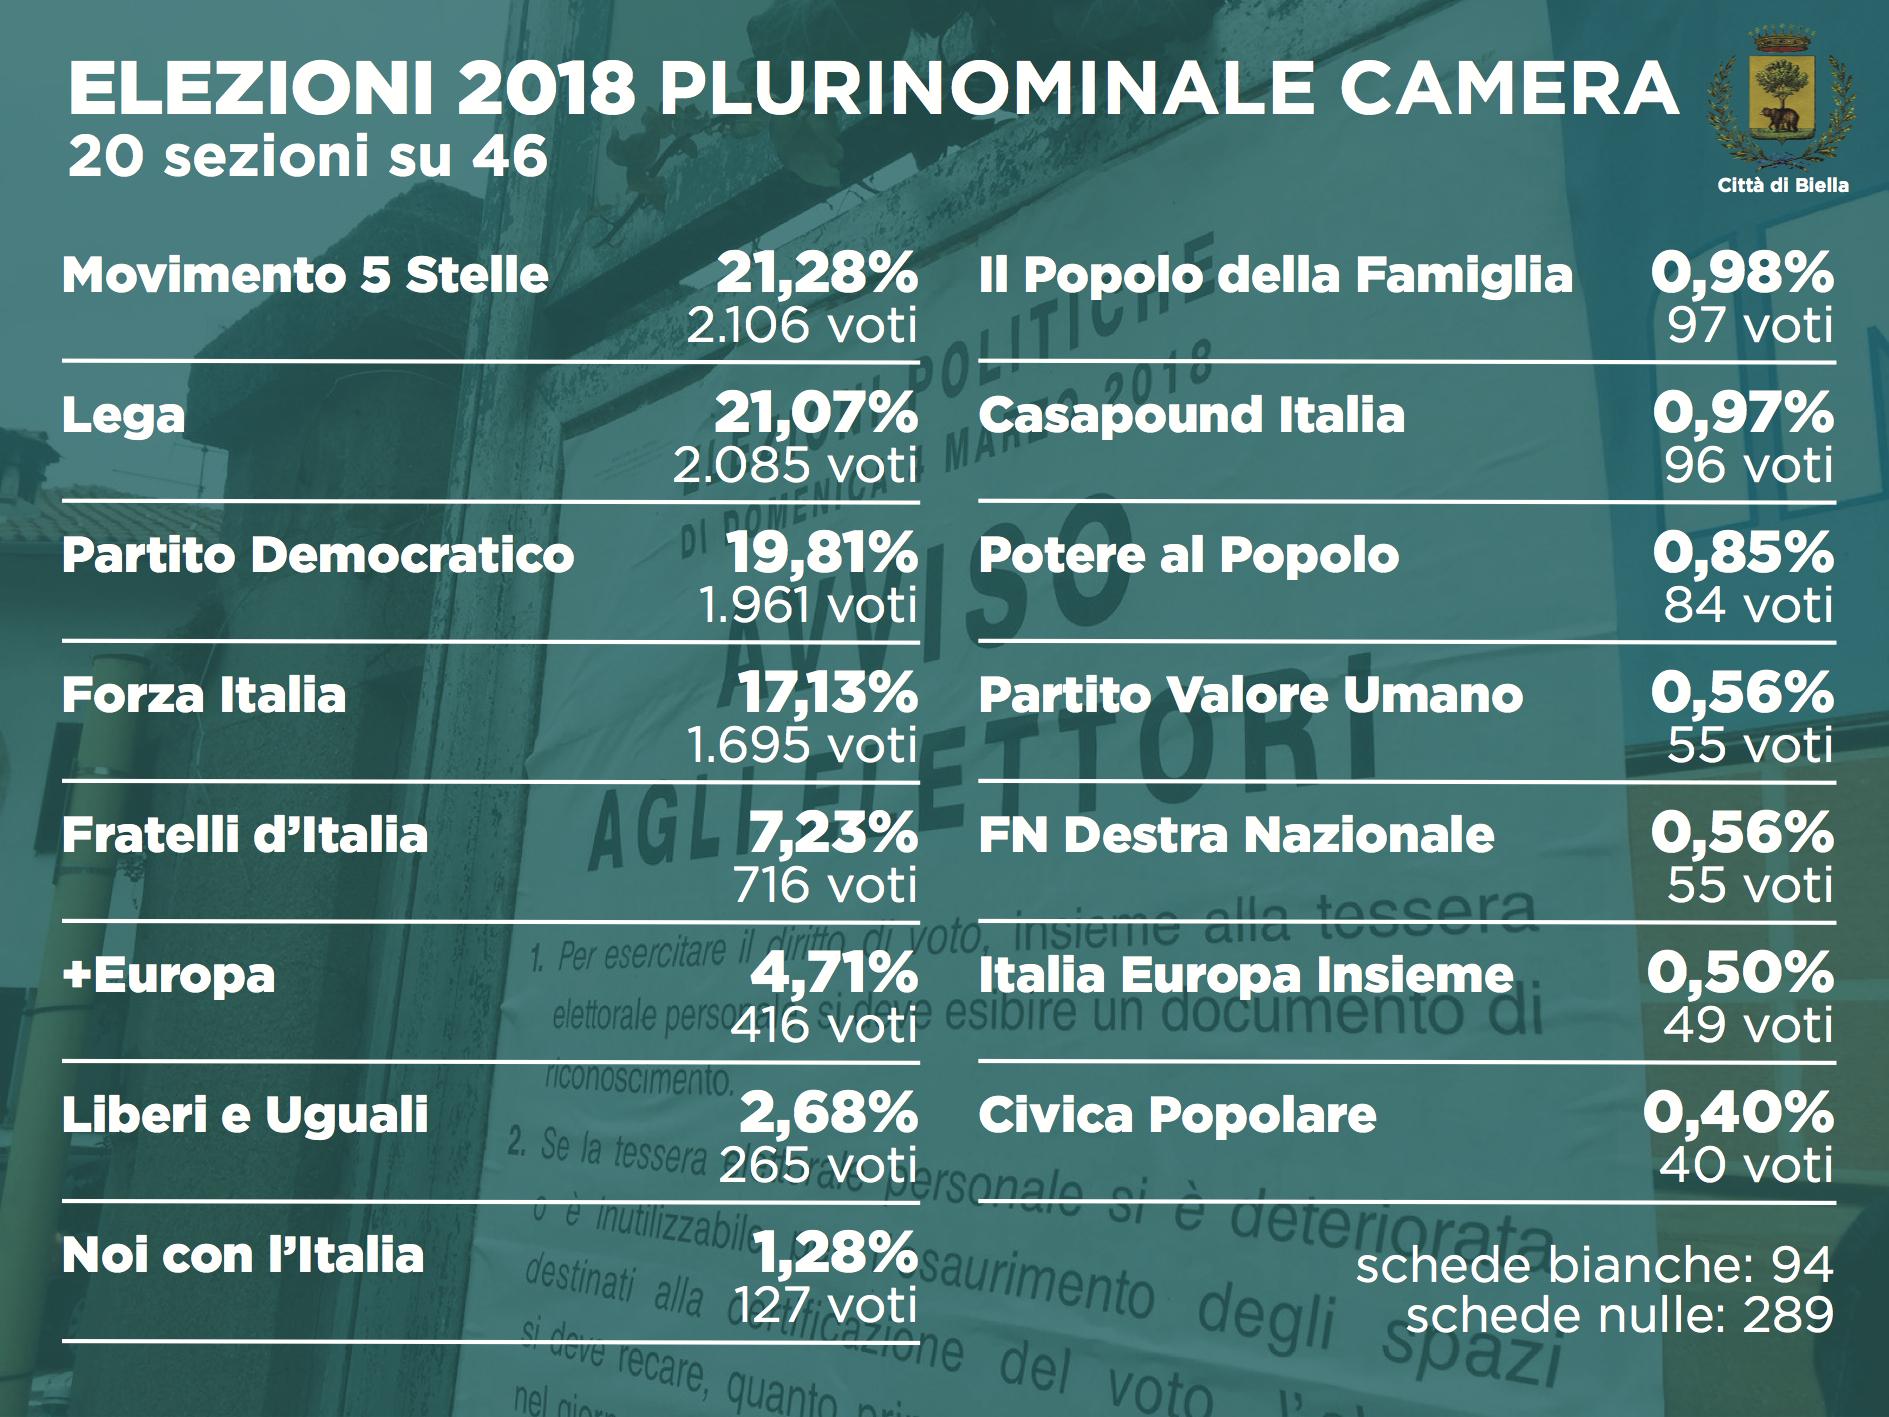 Elezioni 2018: i dati del plurinominale alla Camera (20 sezioni su 46)